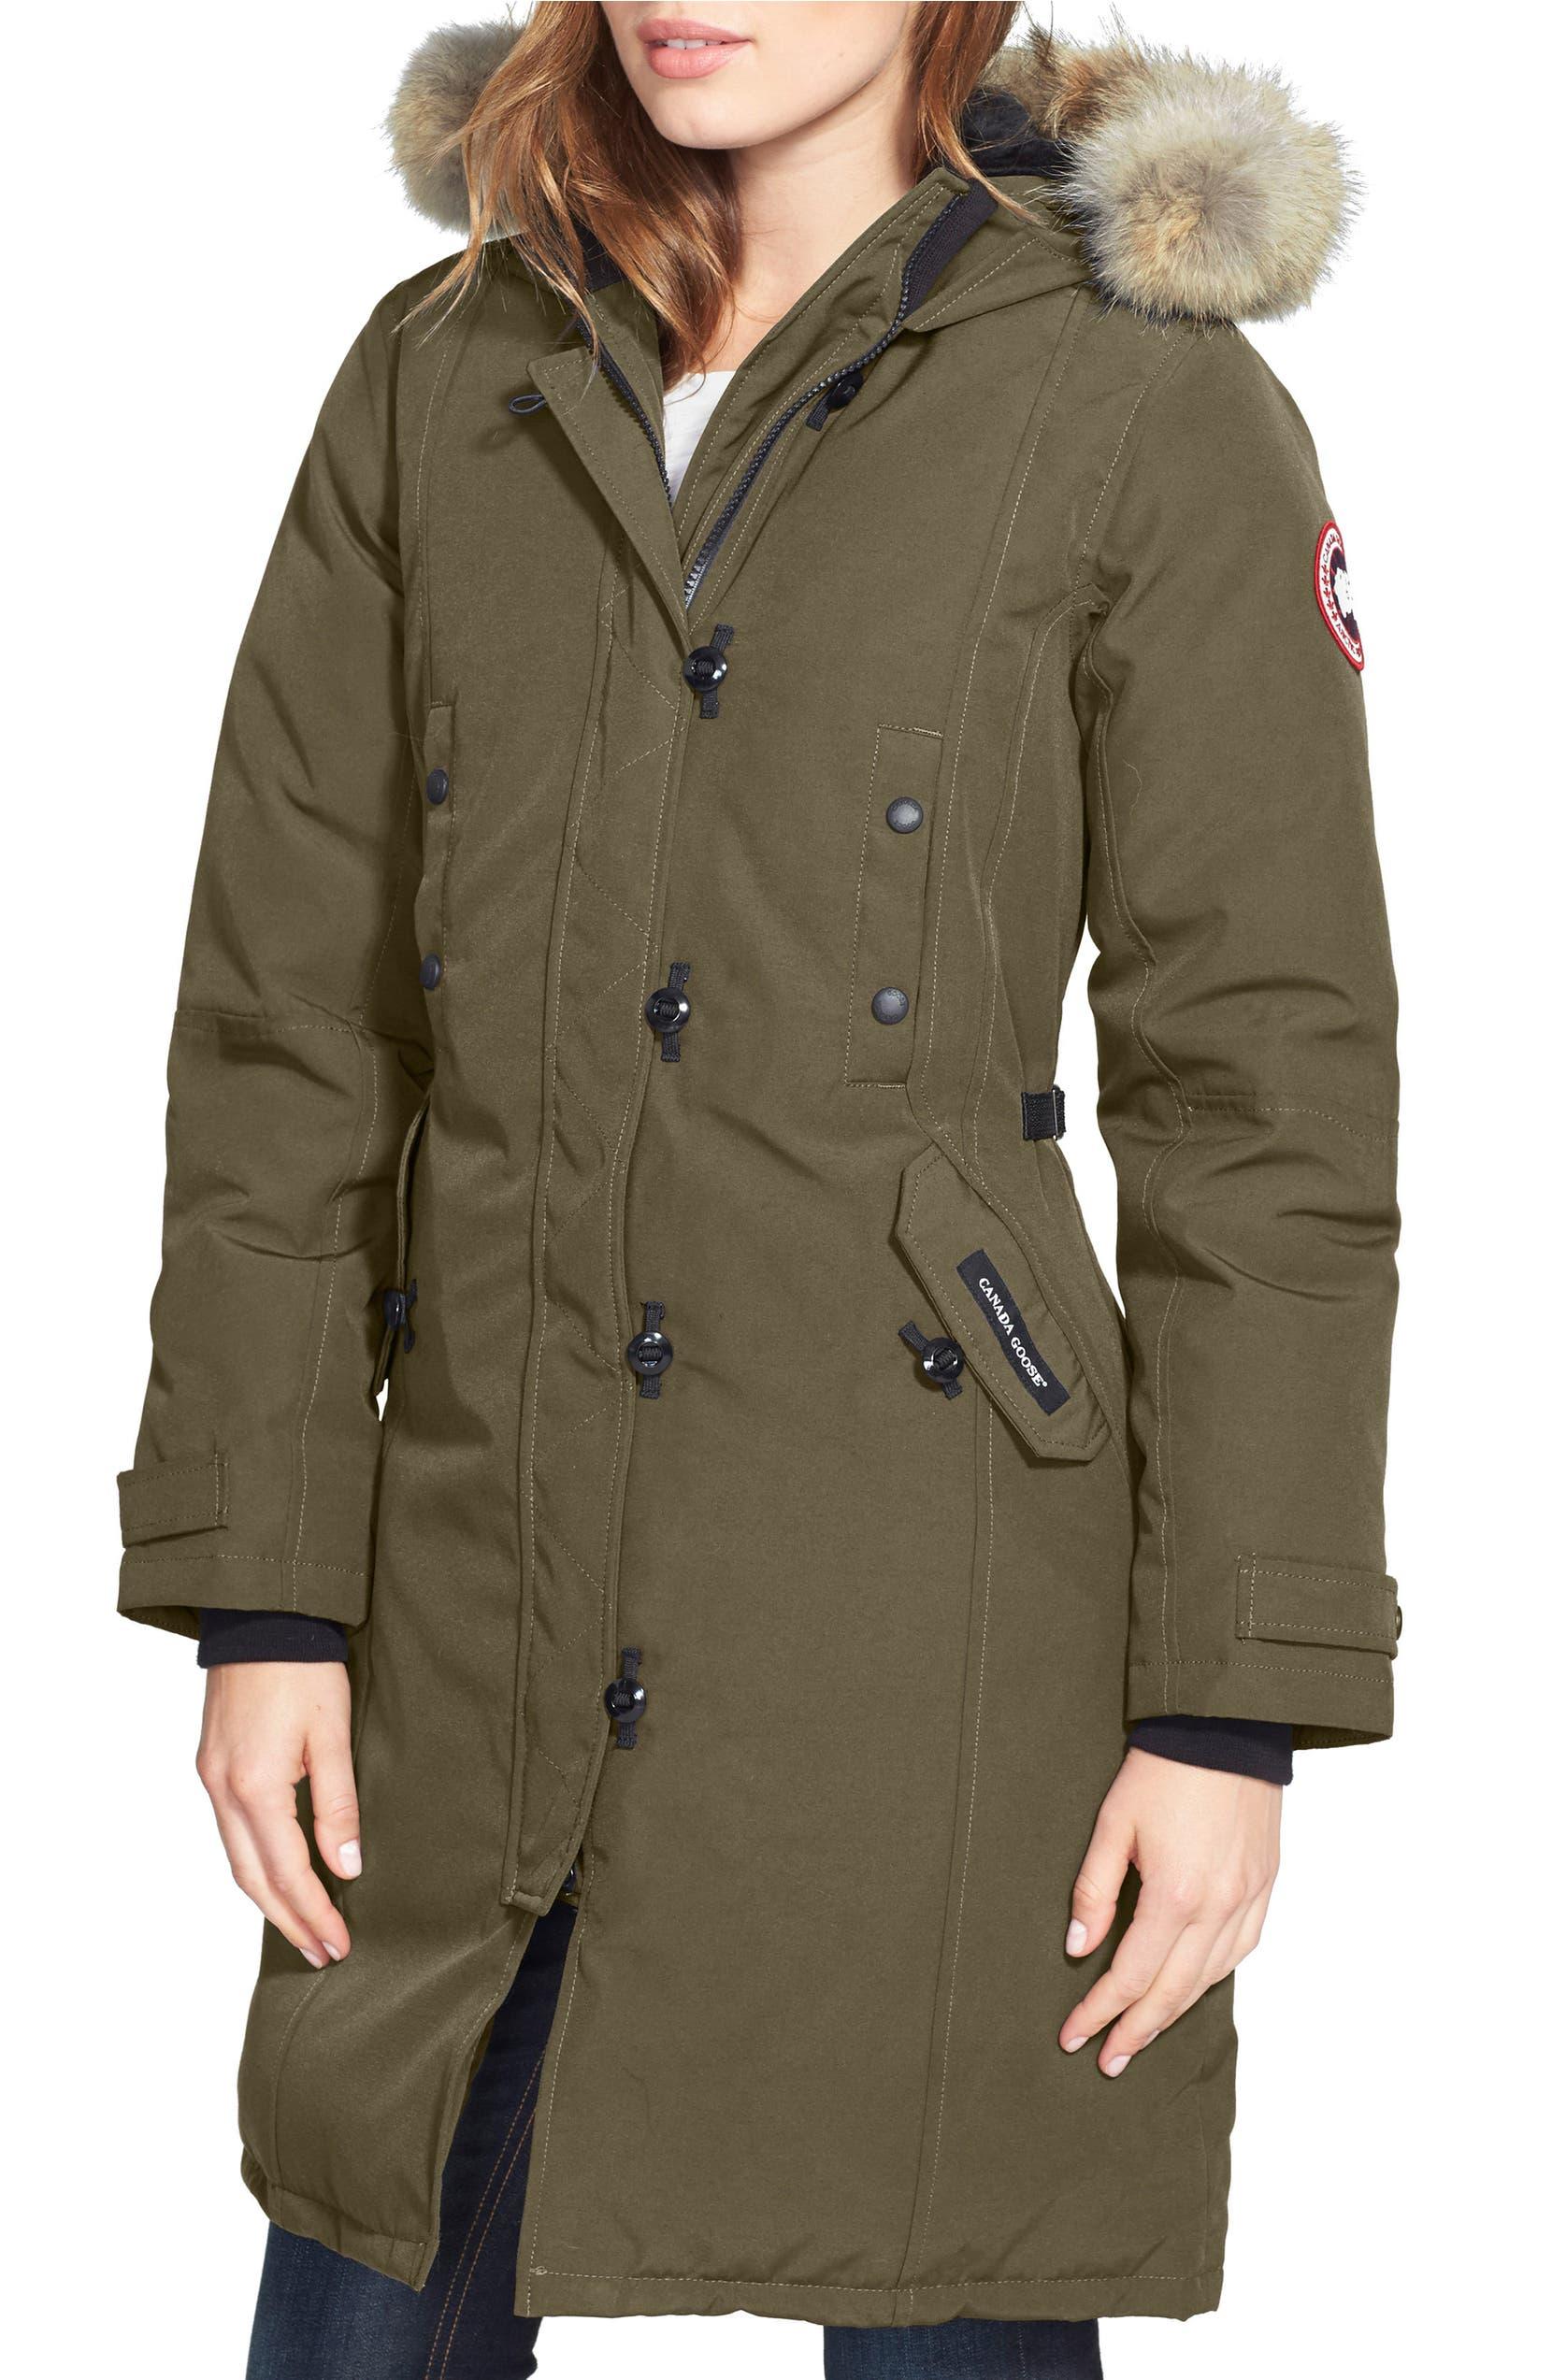 hot sale online 5709e dfe56 Kensington Slim Fit Down Parka with Genuine Coyote Fur Trim